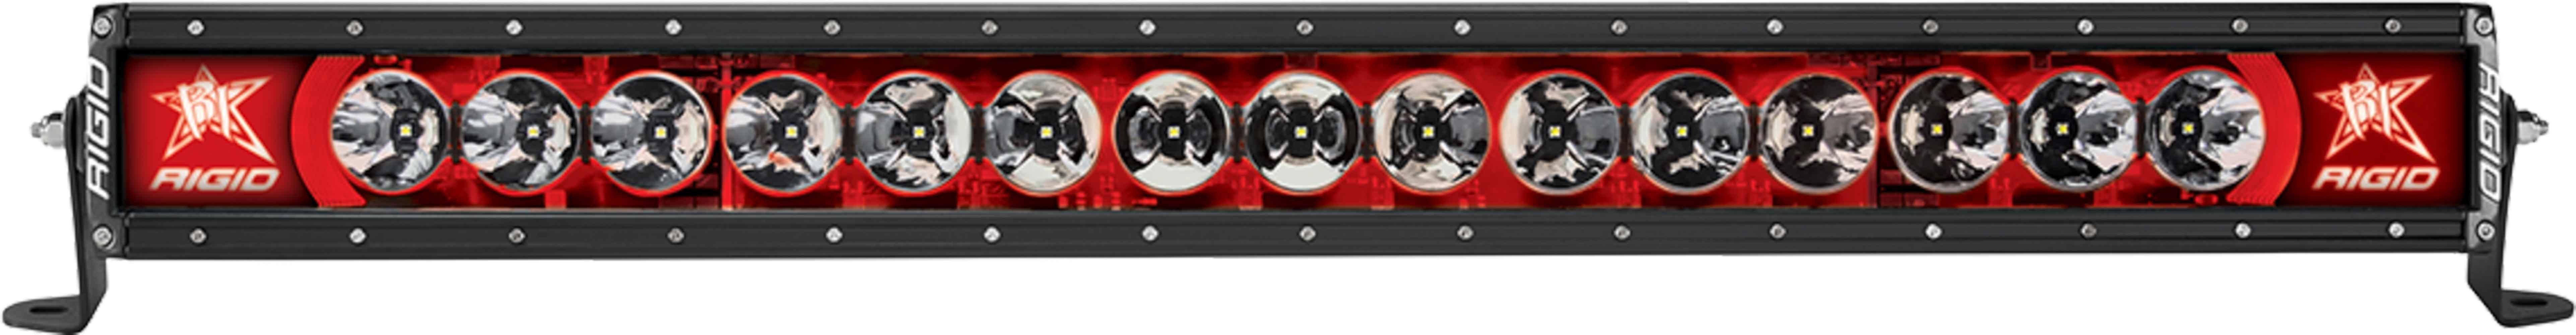 LED Light Each 30in Radiance Red Backlight